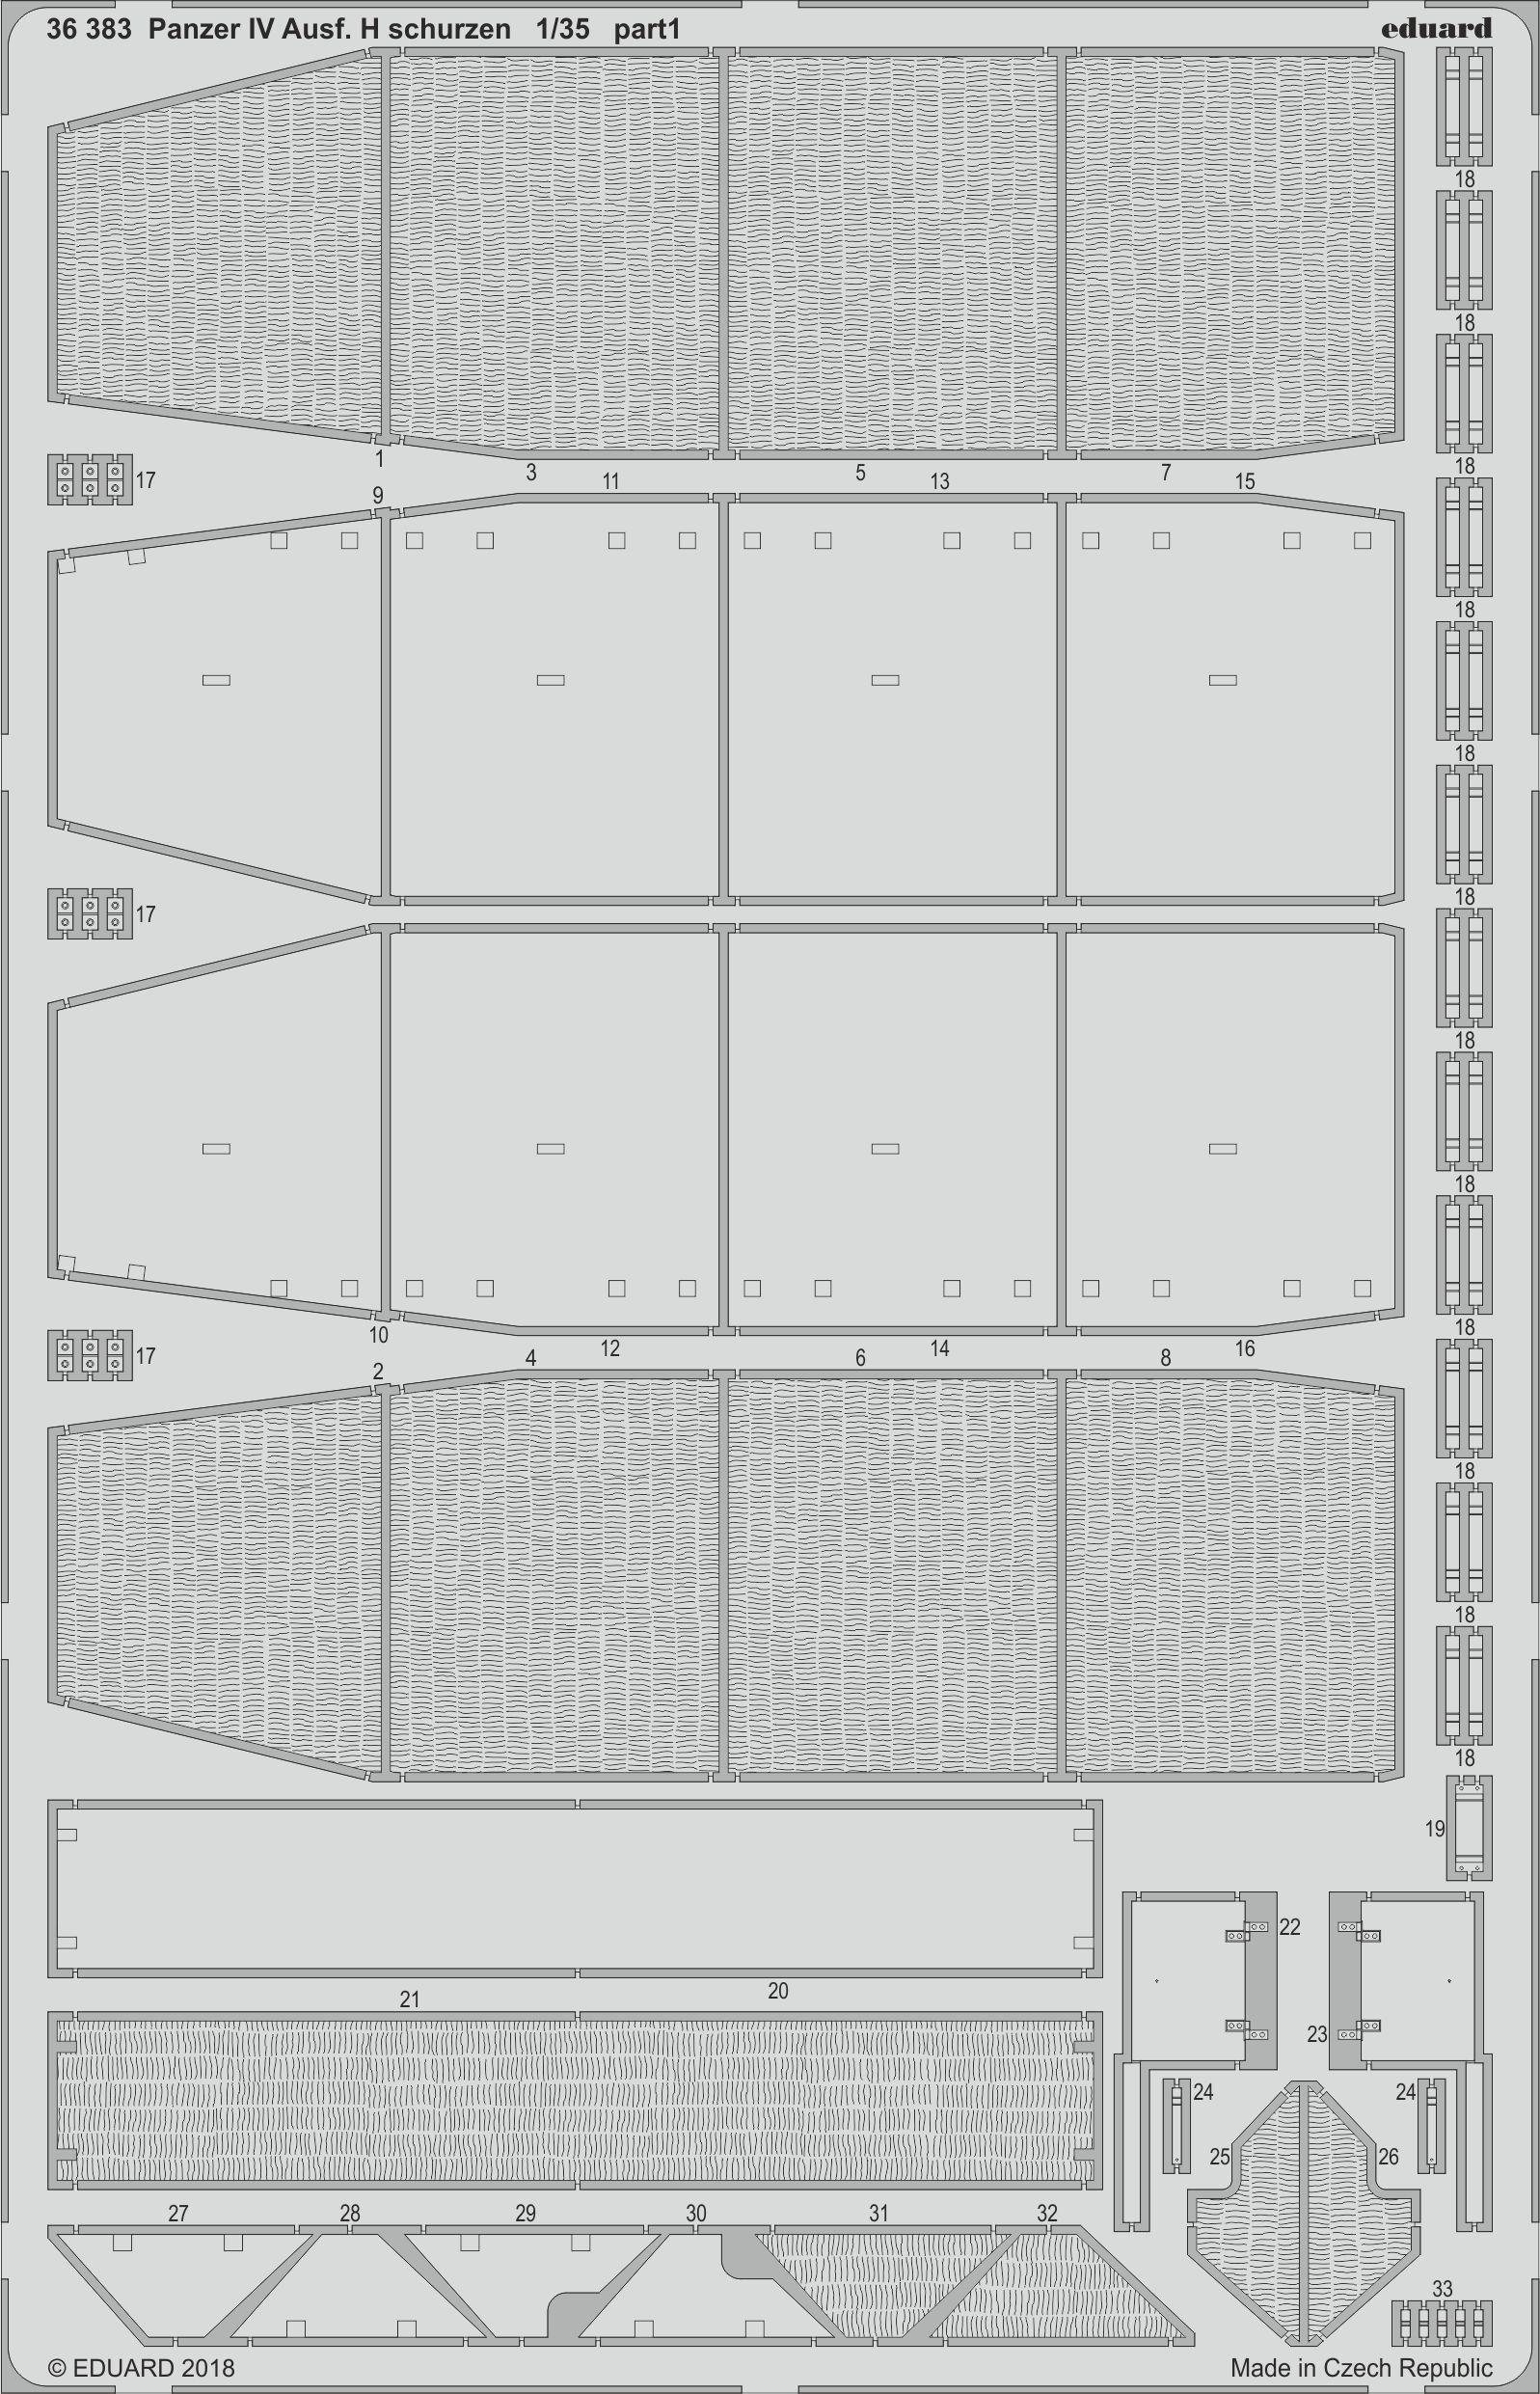 Eduard 1 35 Pz.Kpfw.IV Ausf.H Schurzen